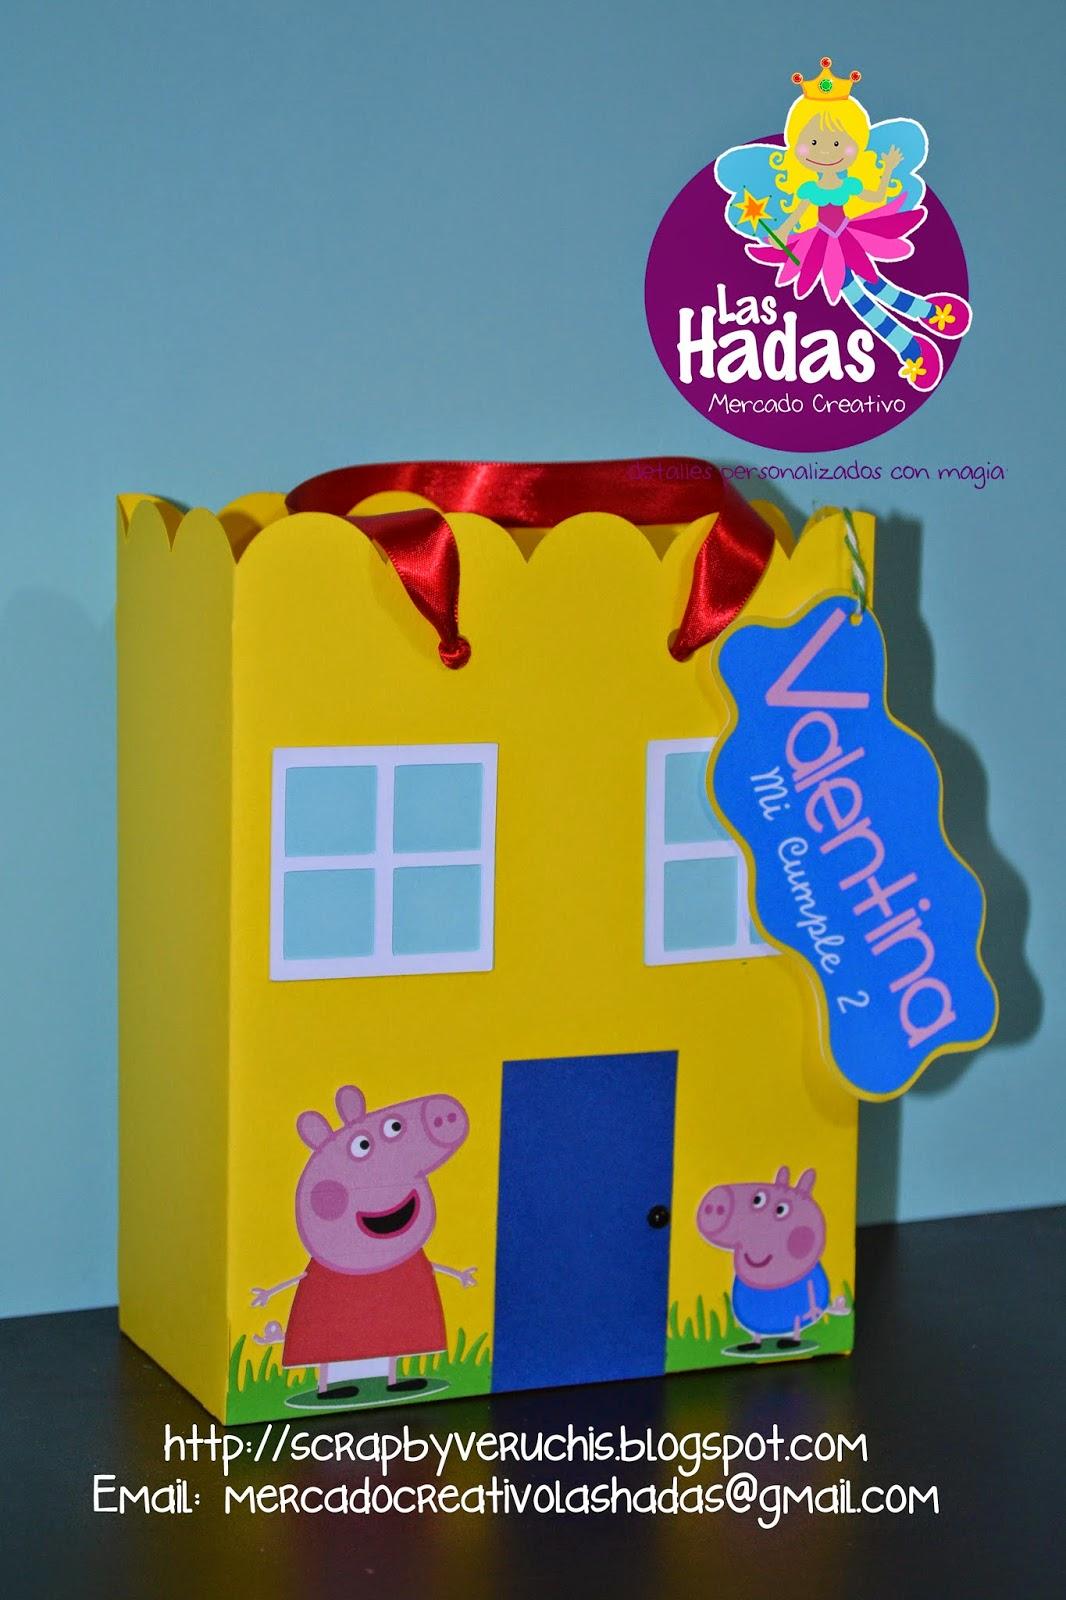 55 Ideas De Peppa Cumple Peppa Fiesta De Cumpleaños De Peppa Pig Cumple Peppa Pig